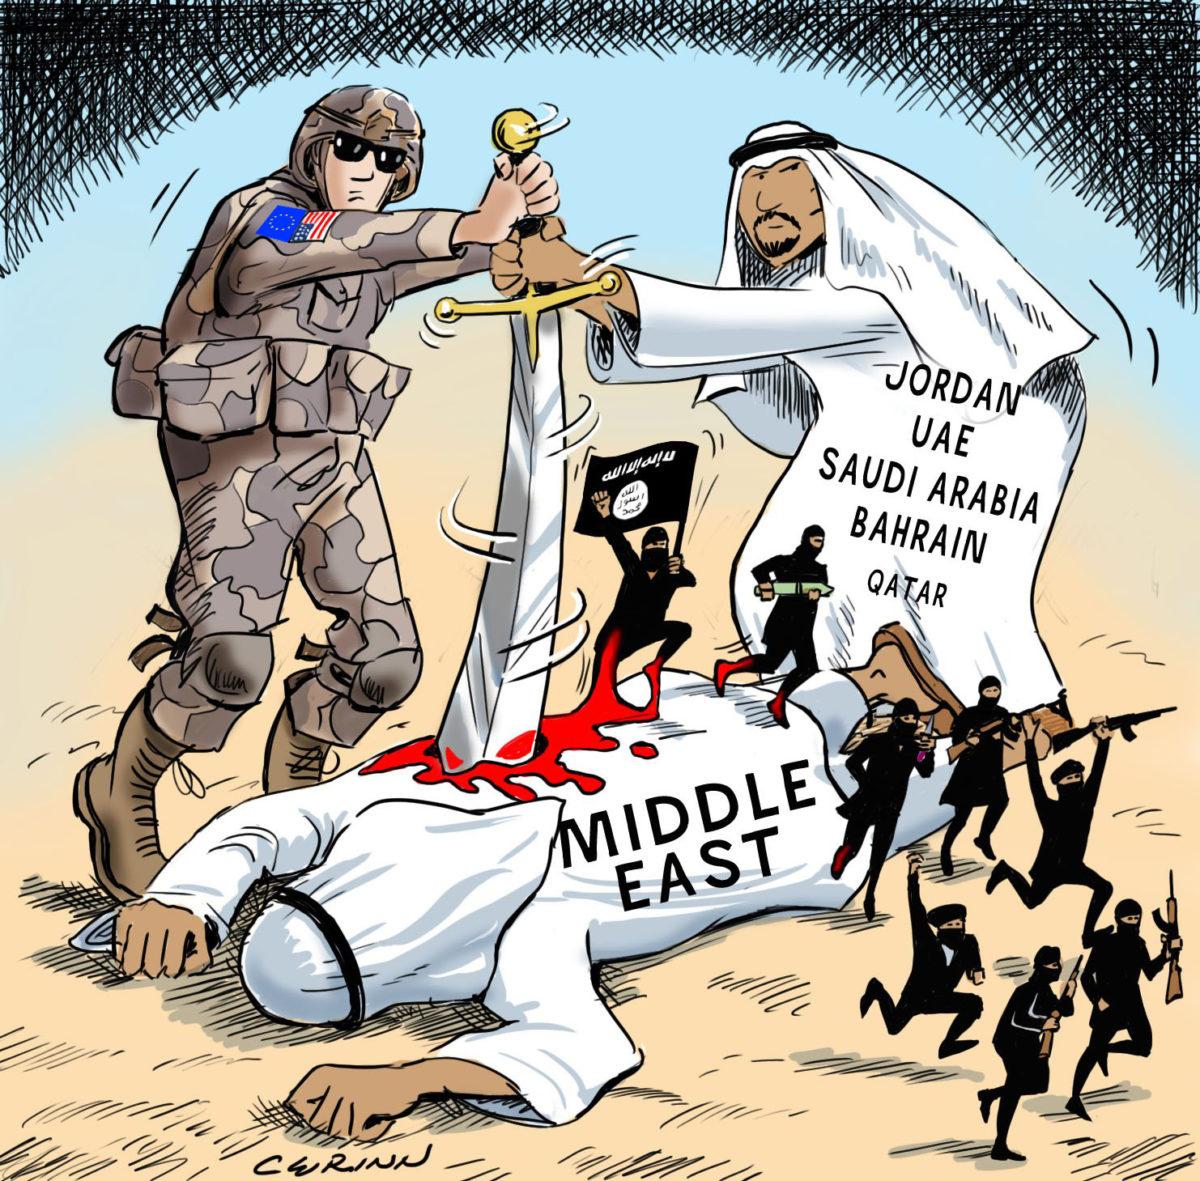 Ανακοίνωση ΜΕΚΕΑ: Θέσεις για την πραγματική, Υπερεθνική Τρομοκρατία και την Ισλαμική τρομοκρατία